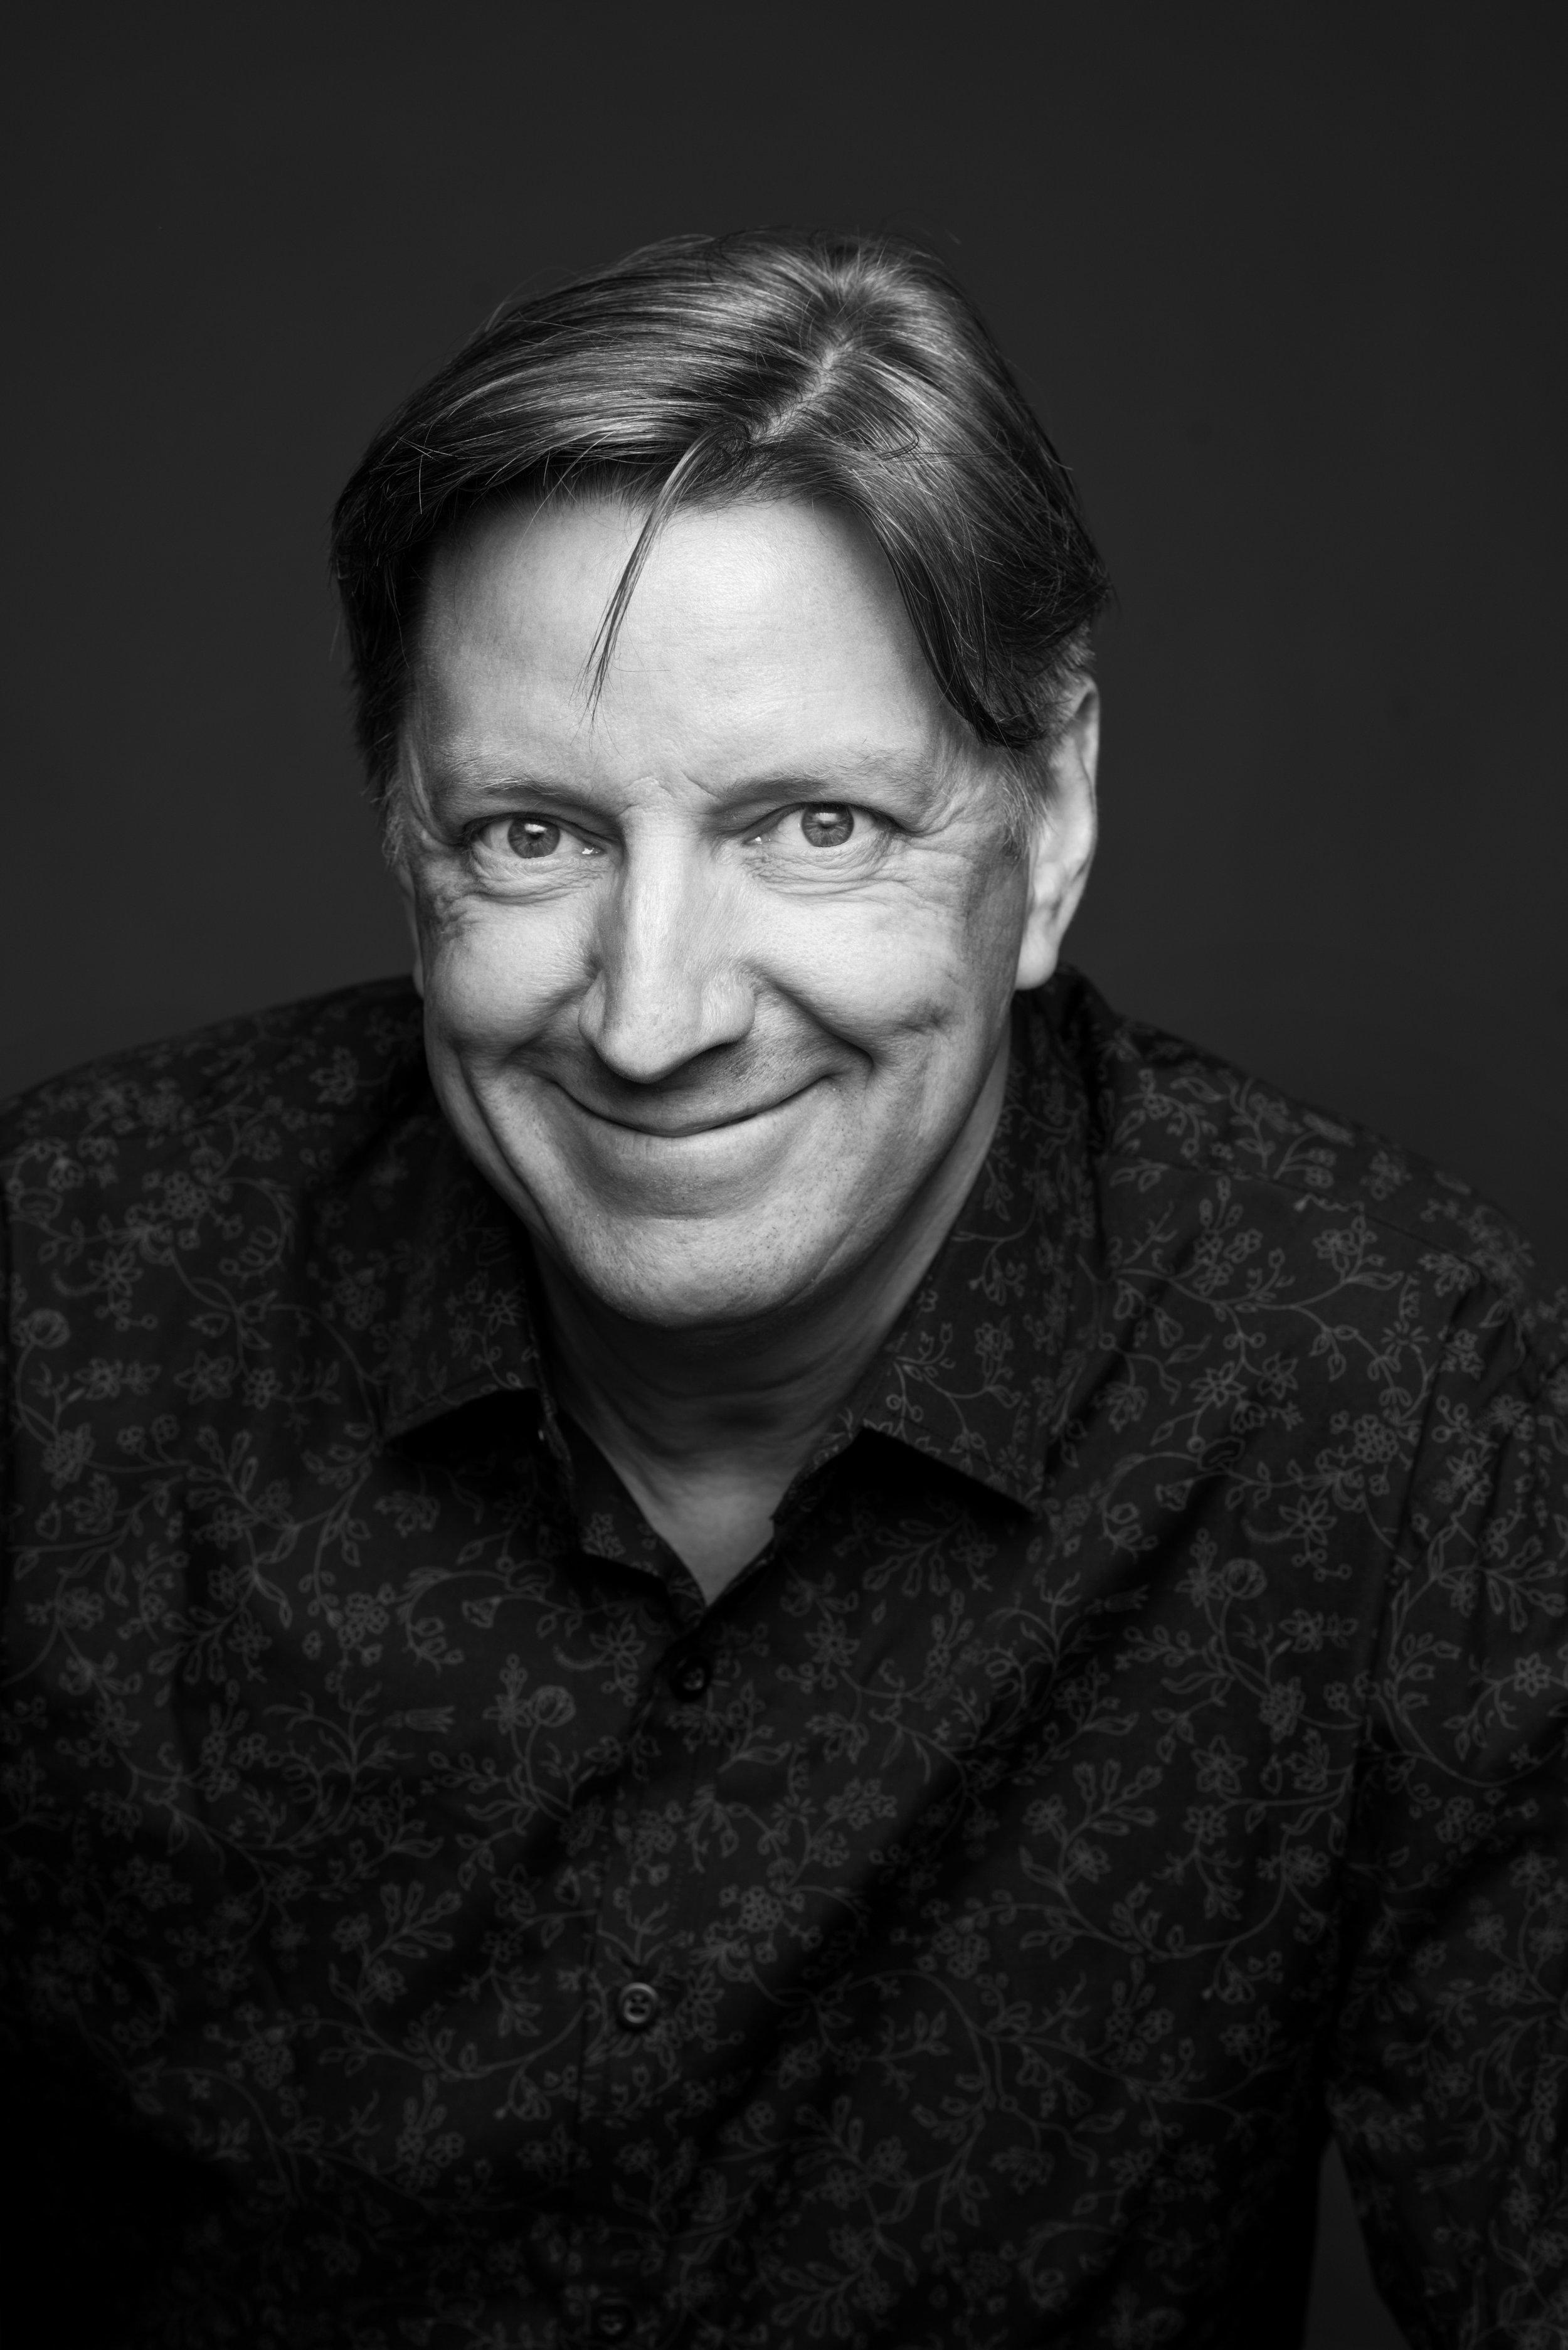 Per Svensson